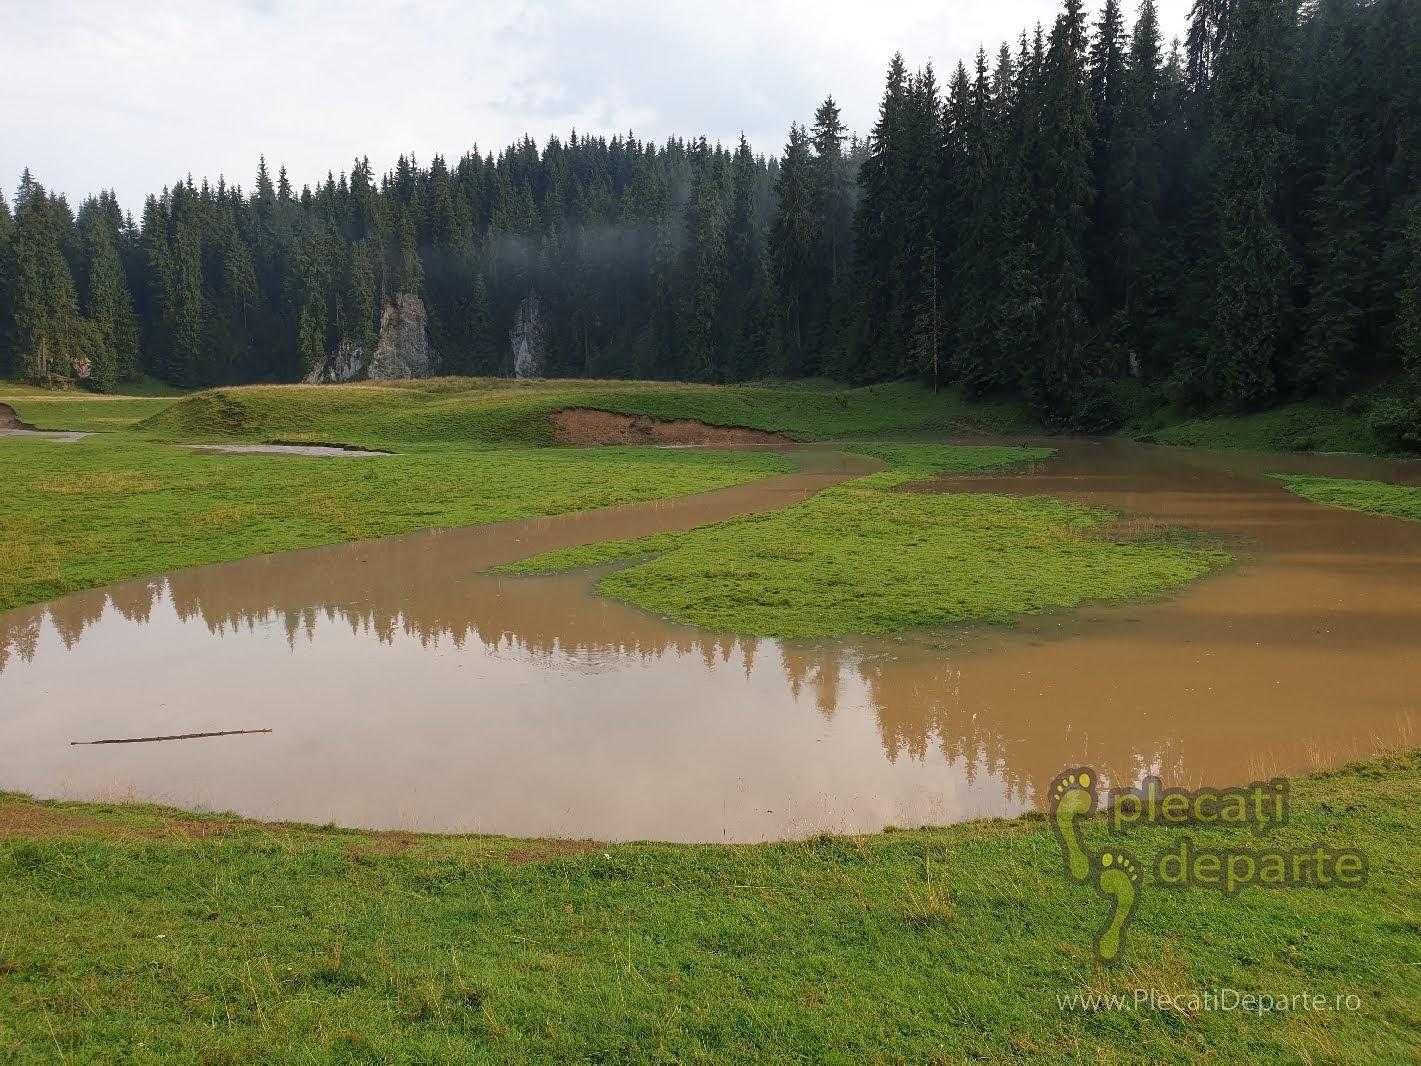 Lac Poiana Ponor Padis, dupa furtuna in Padis, ploi in padis, vremea padis, clima padis, trasee padis apuseni, parcul natural apuseni obiective turitice,